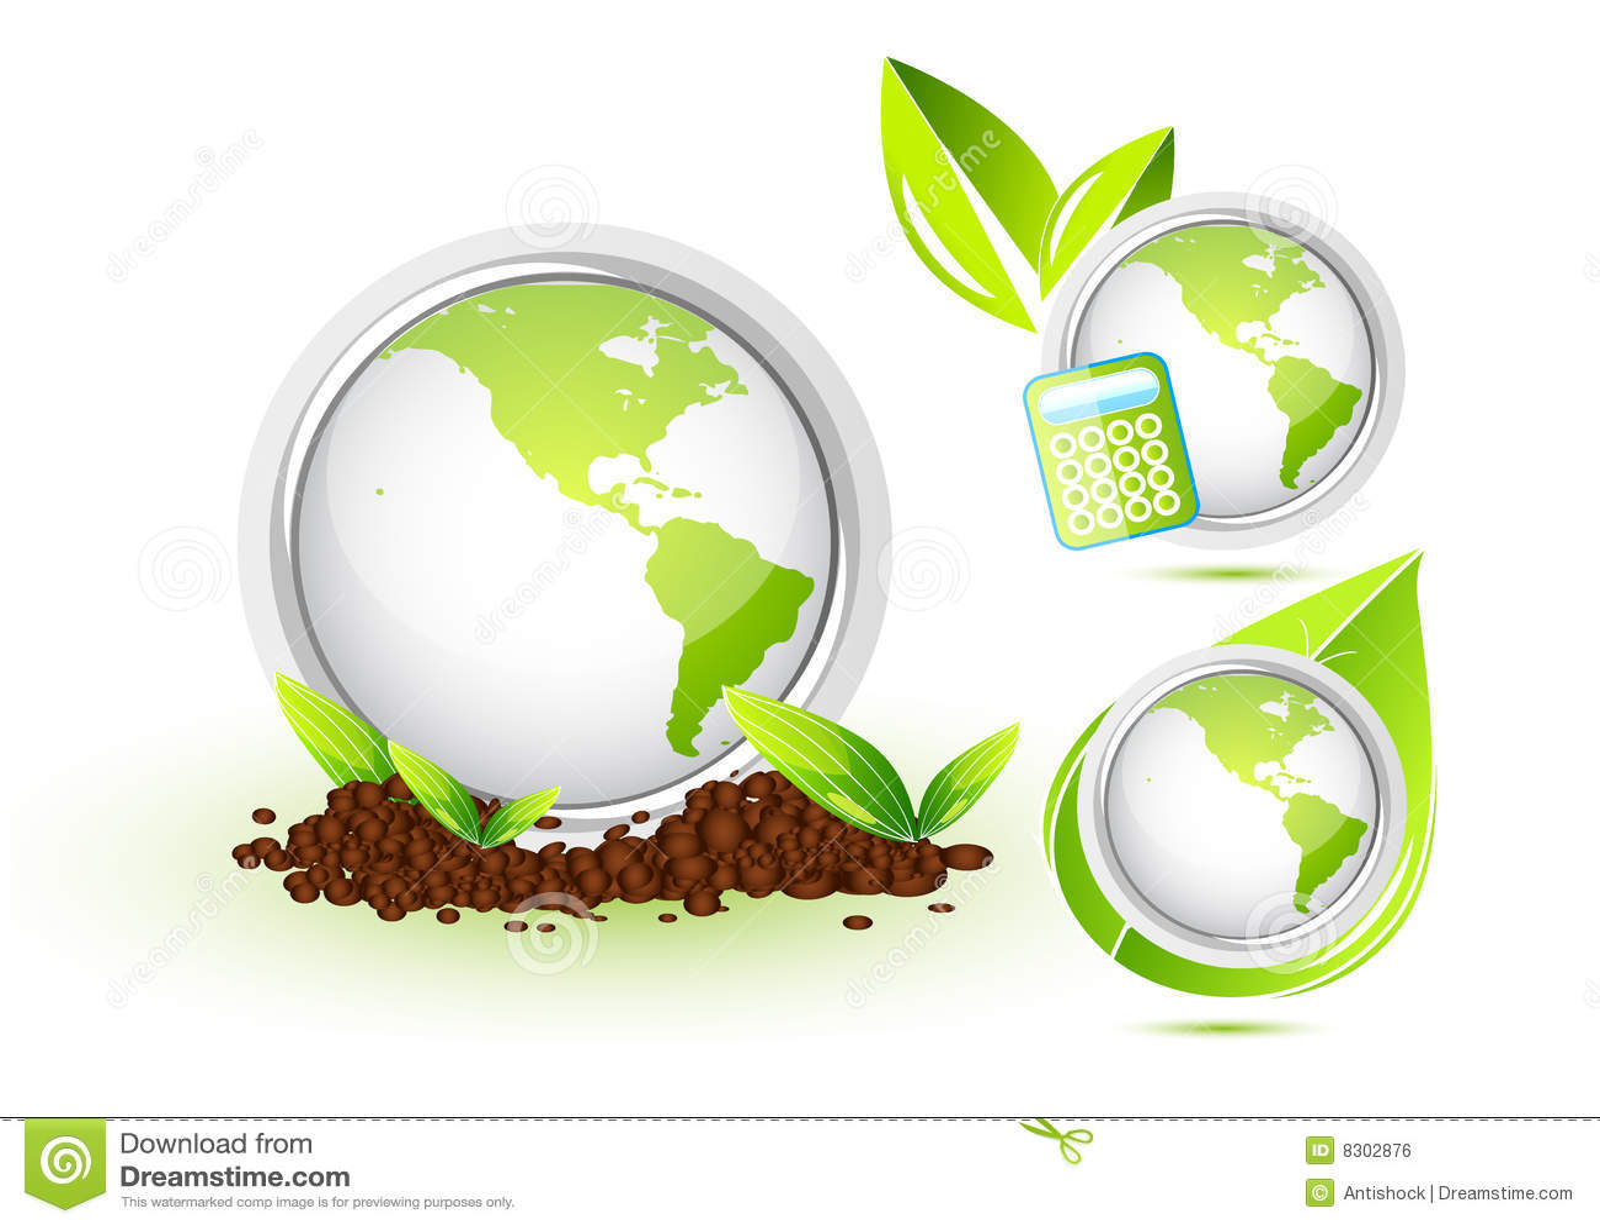 περιβαλλοντικό σύμβολο